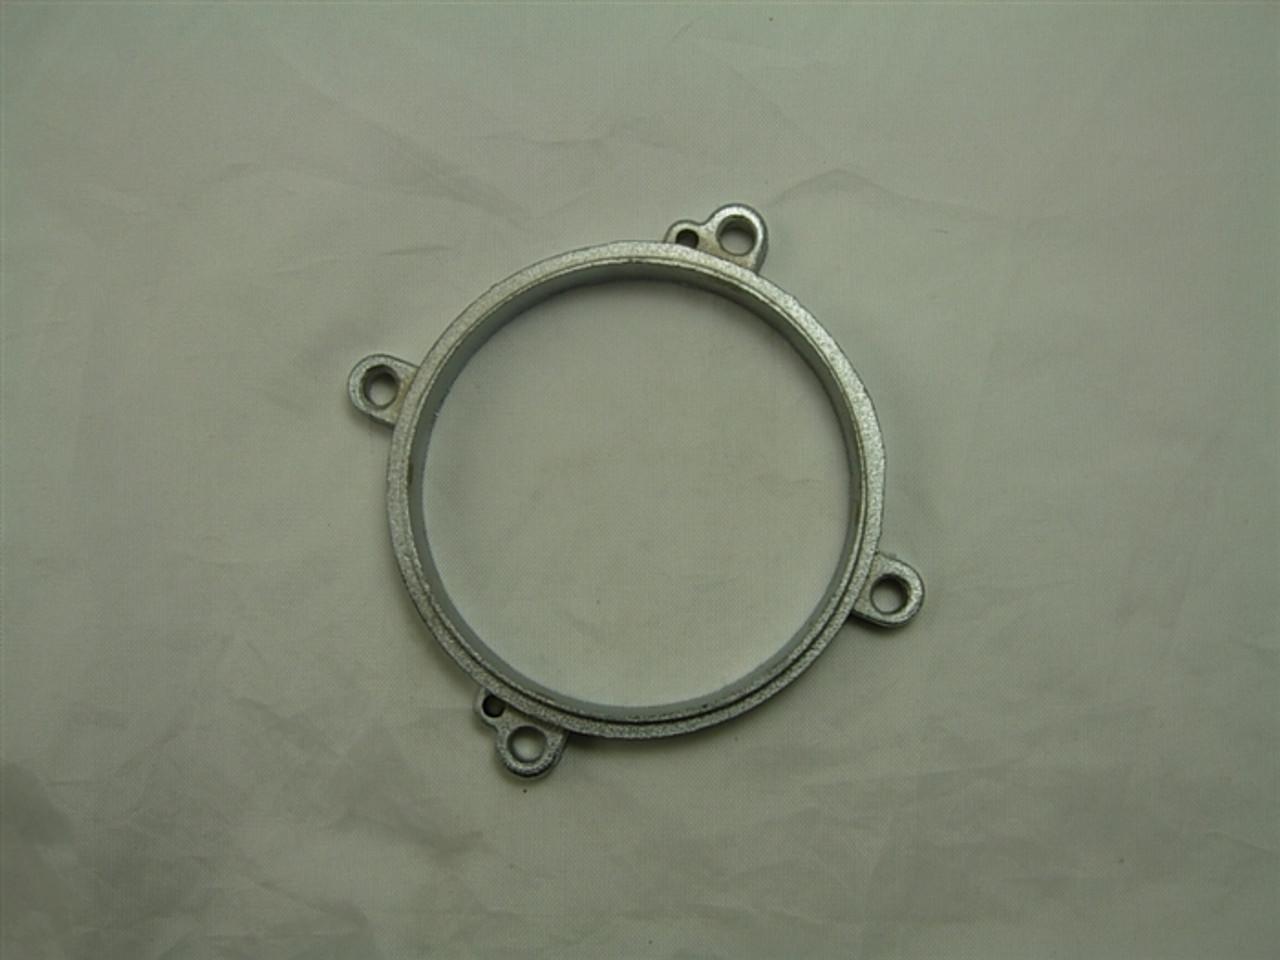 MAGNETO/STATOR HOLDER RING 10499-A28-13